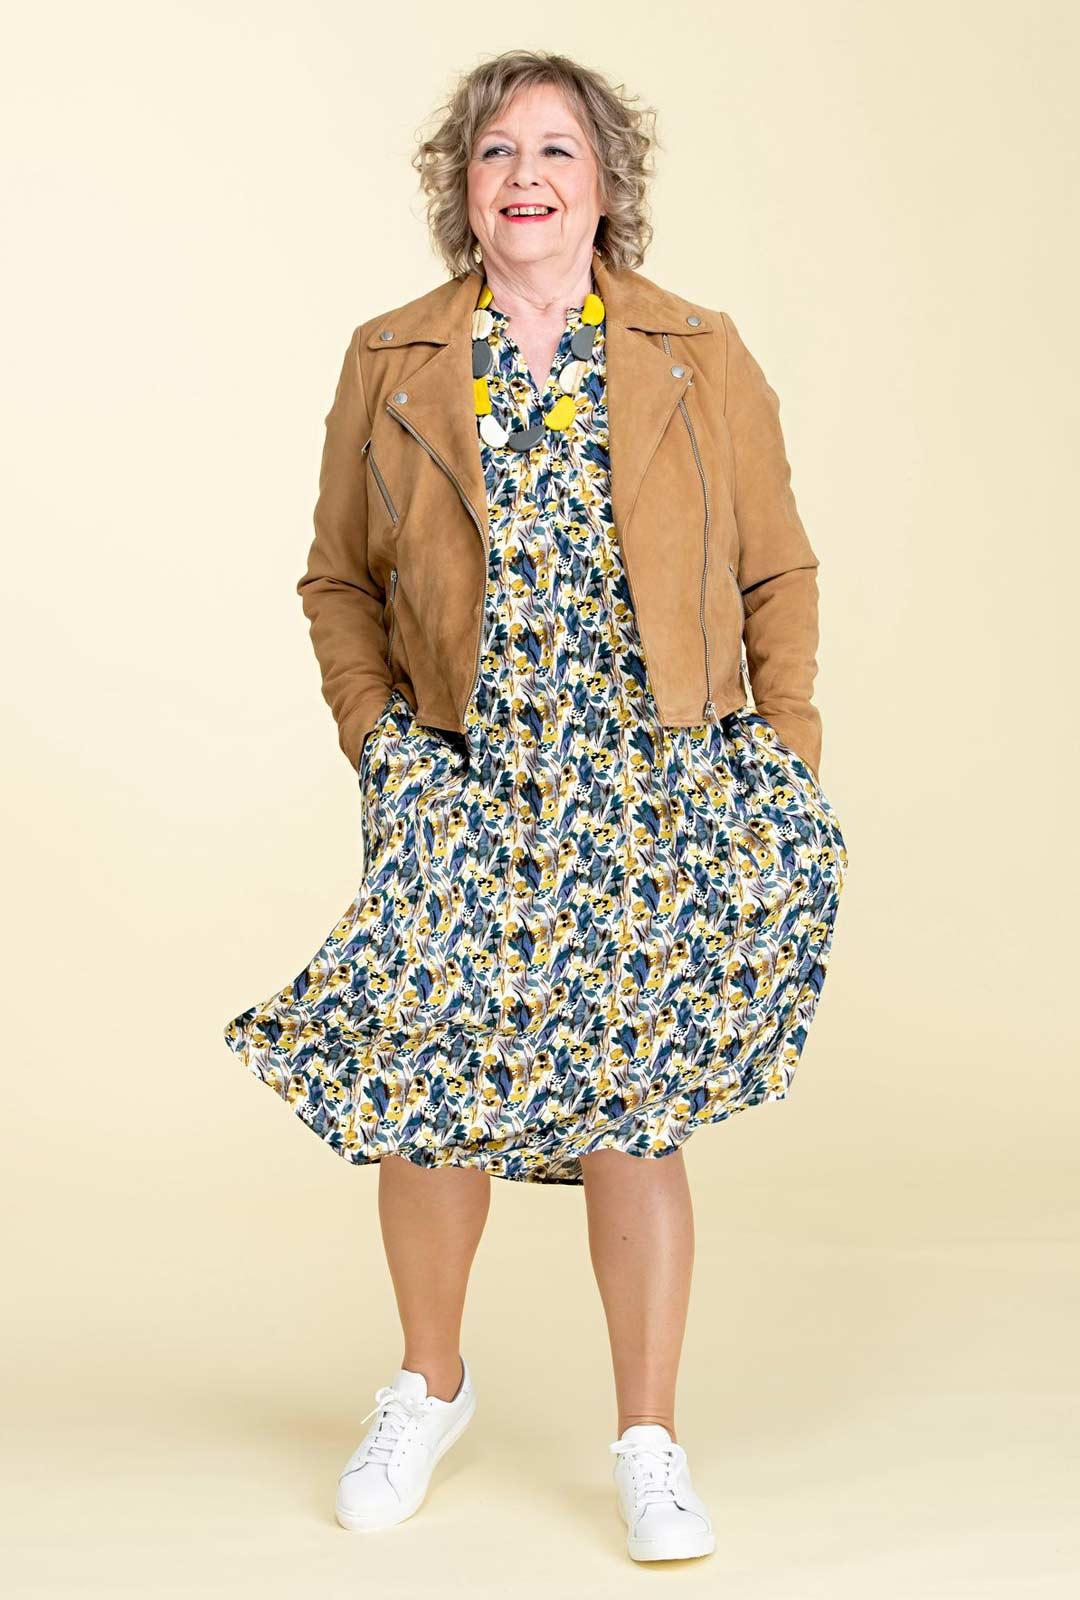 Vyötärömittainen jakku tekee vyötärön ja saa alaosan näyttämään pitkältä. Jakulla saa myös mekon rennon väljyyden koottua sopivaksi vyötäröltä.